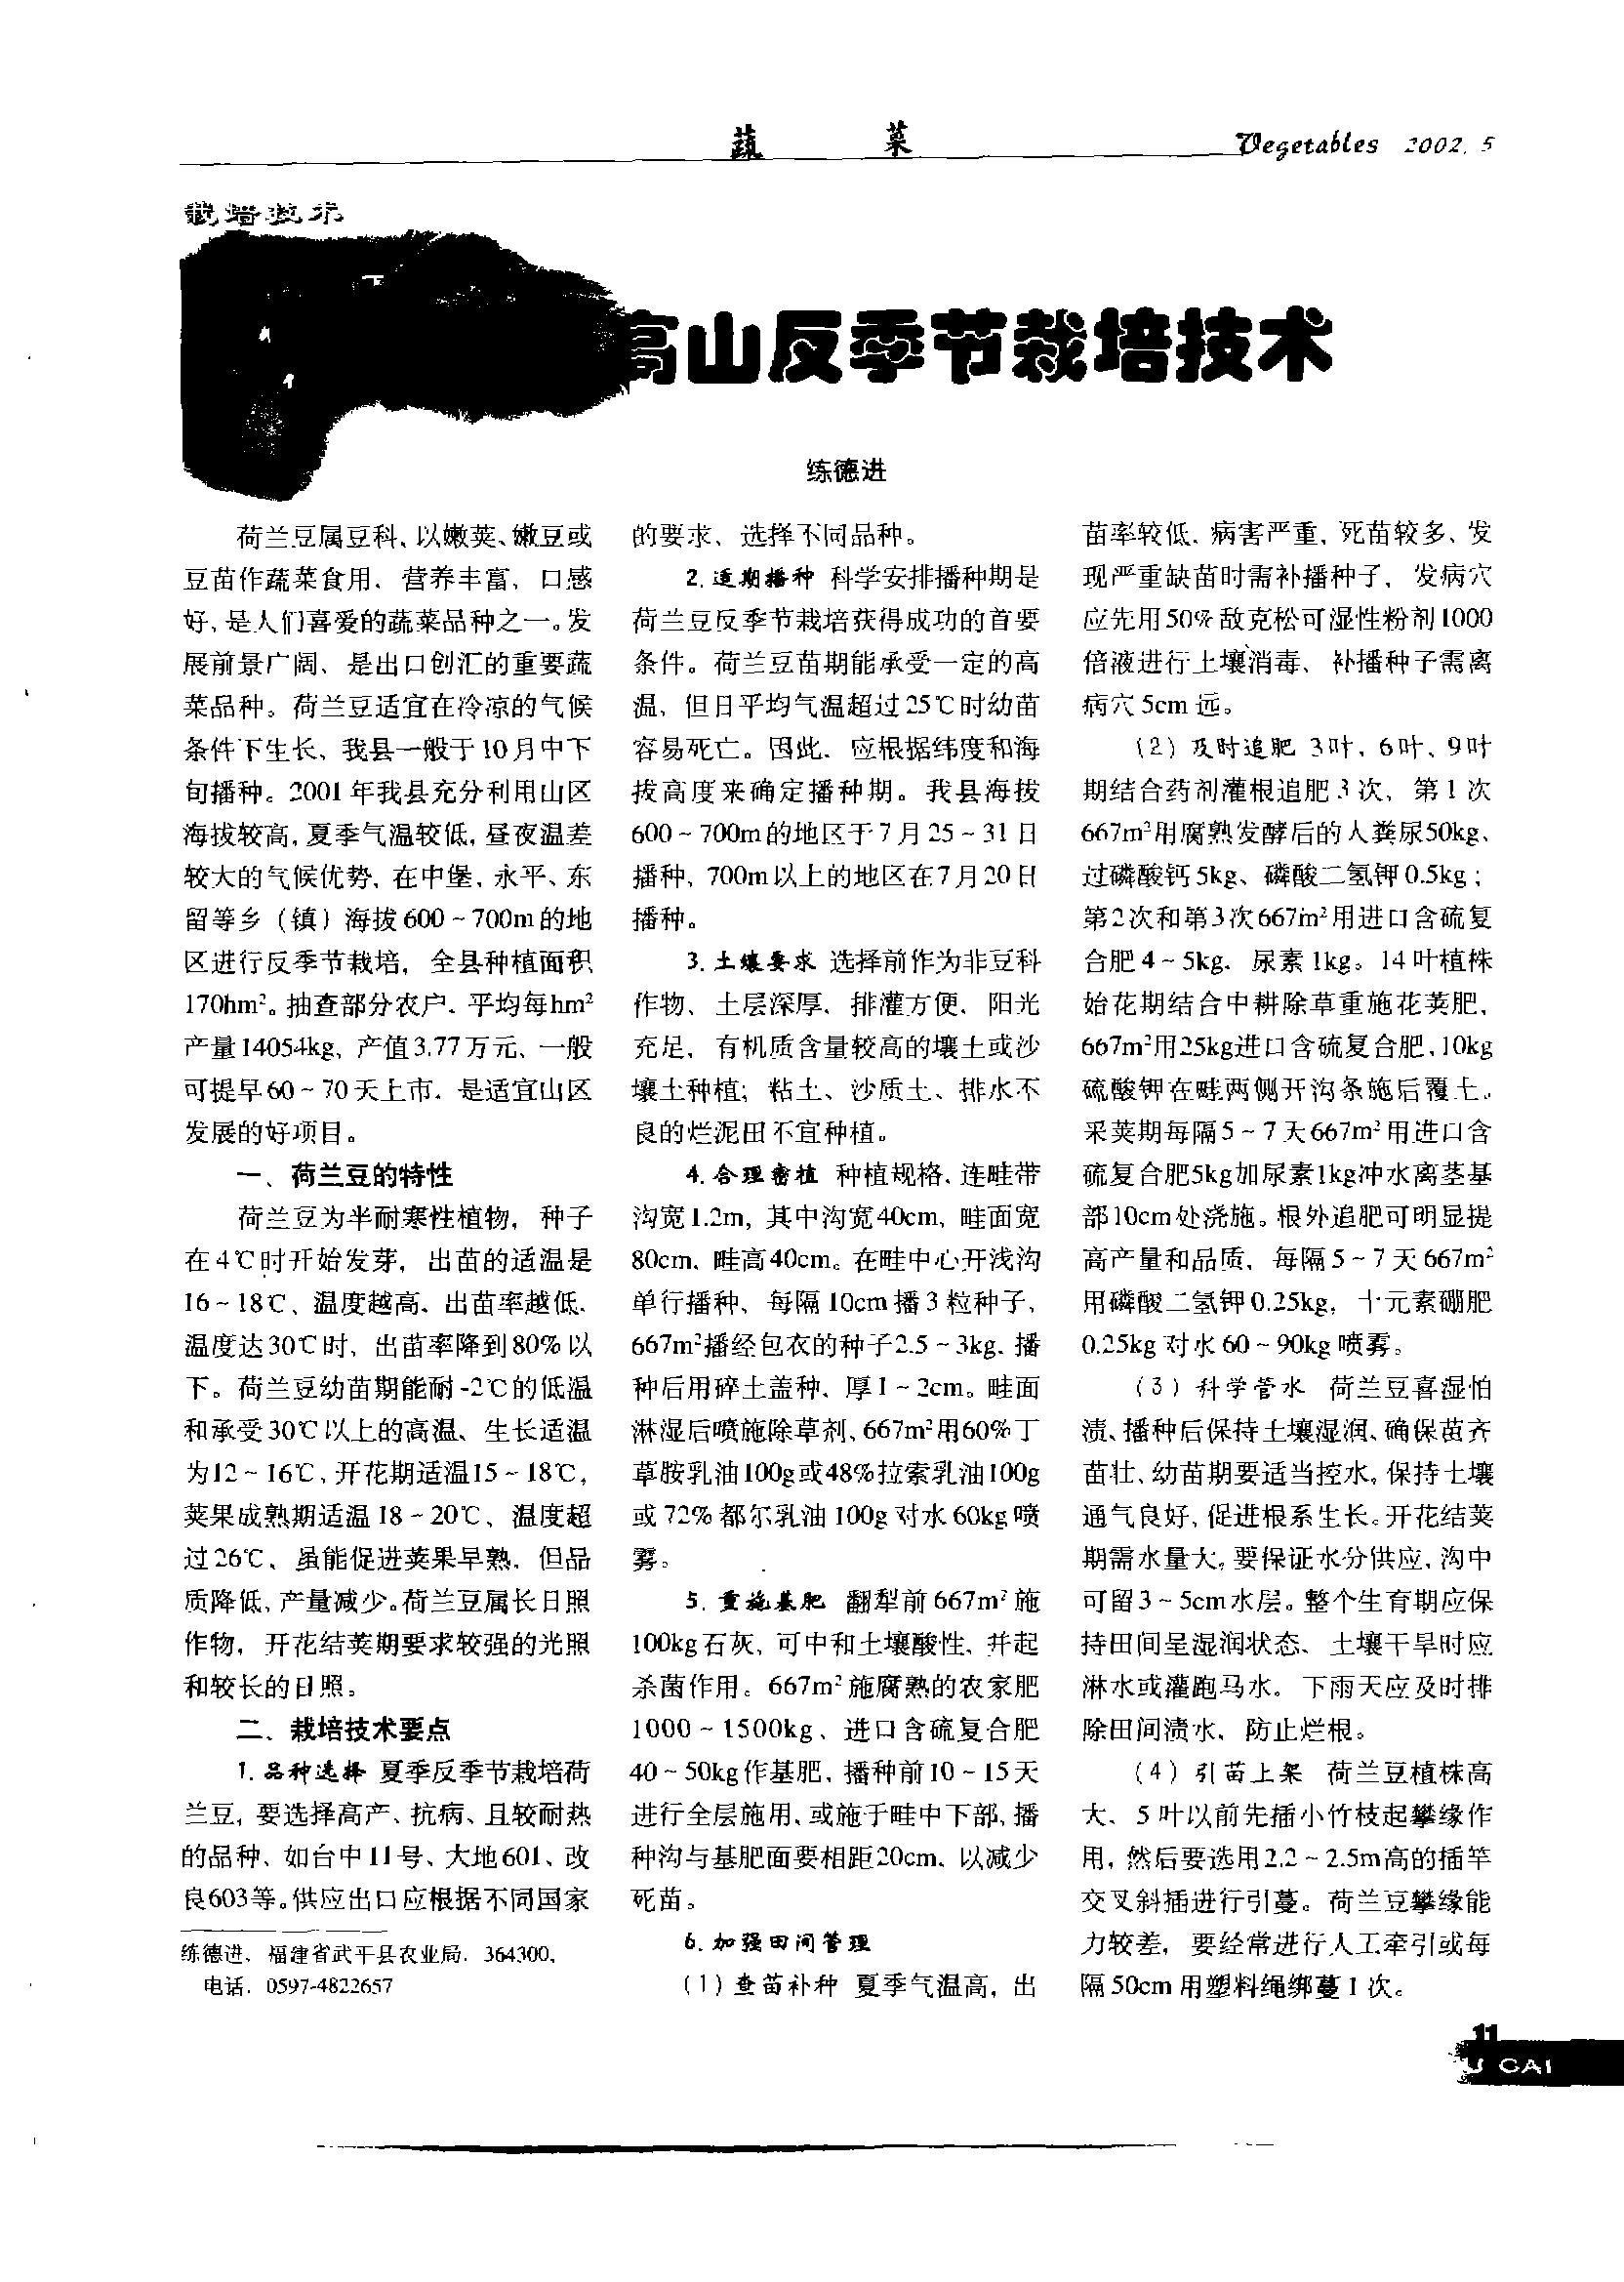 荷兰豆高山反季节栽培技术上海调味品批发调味品批发市图片